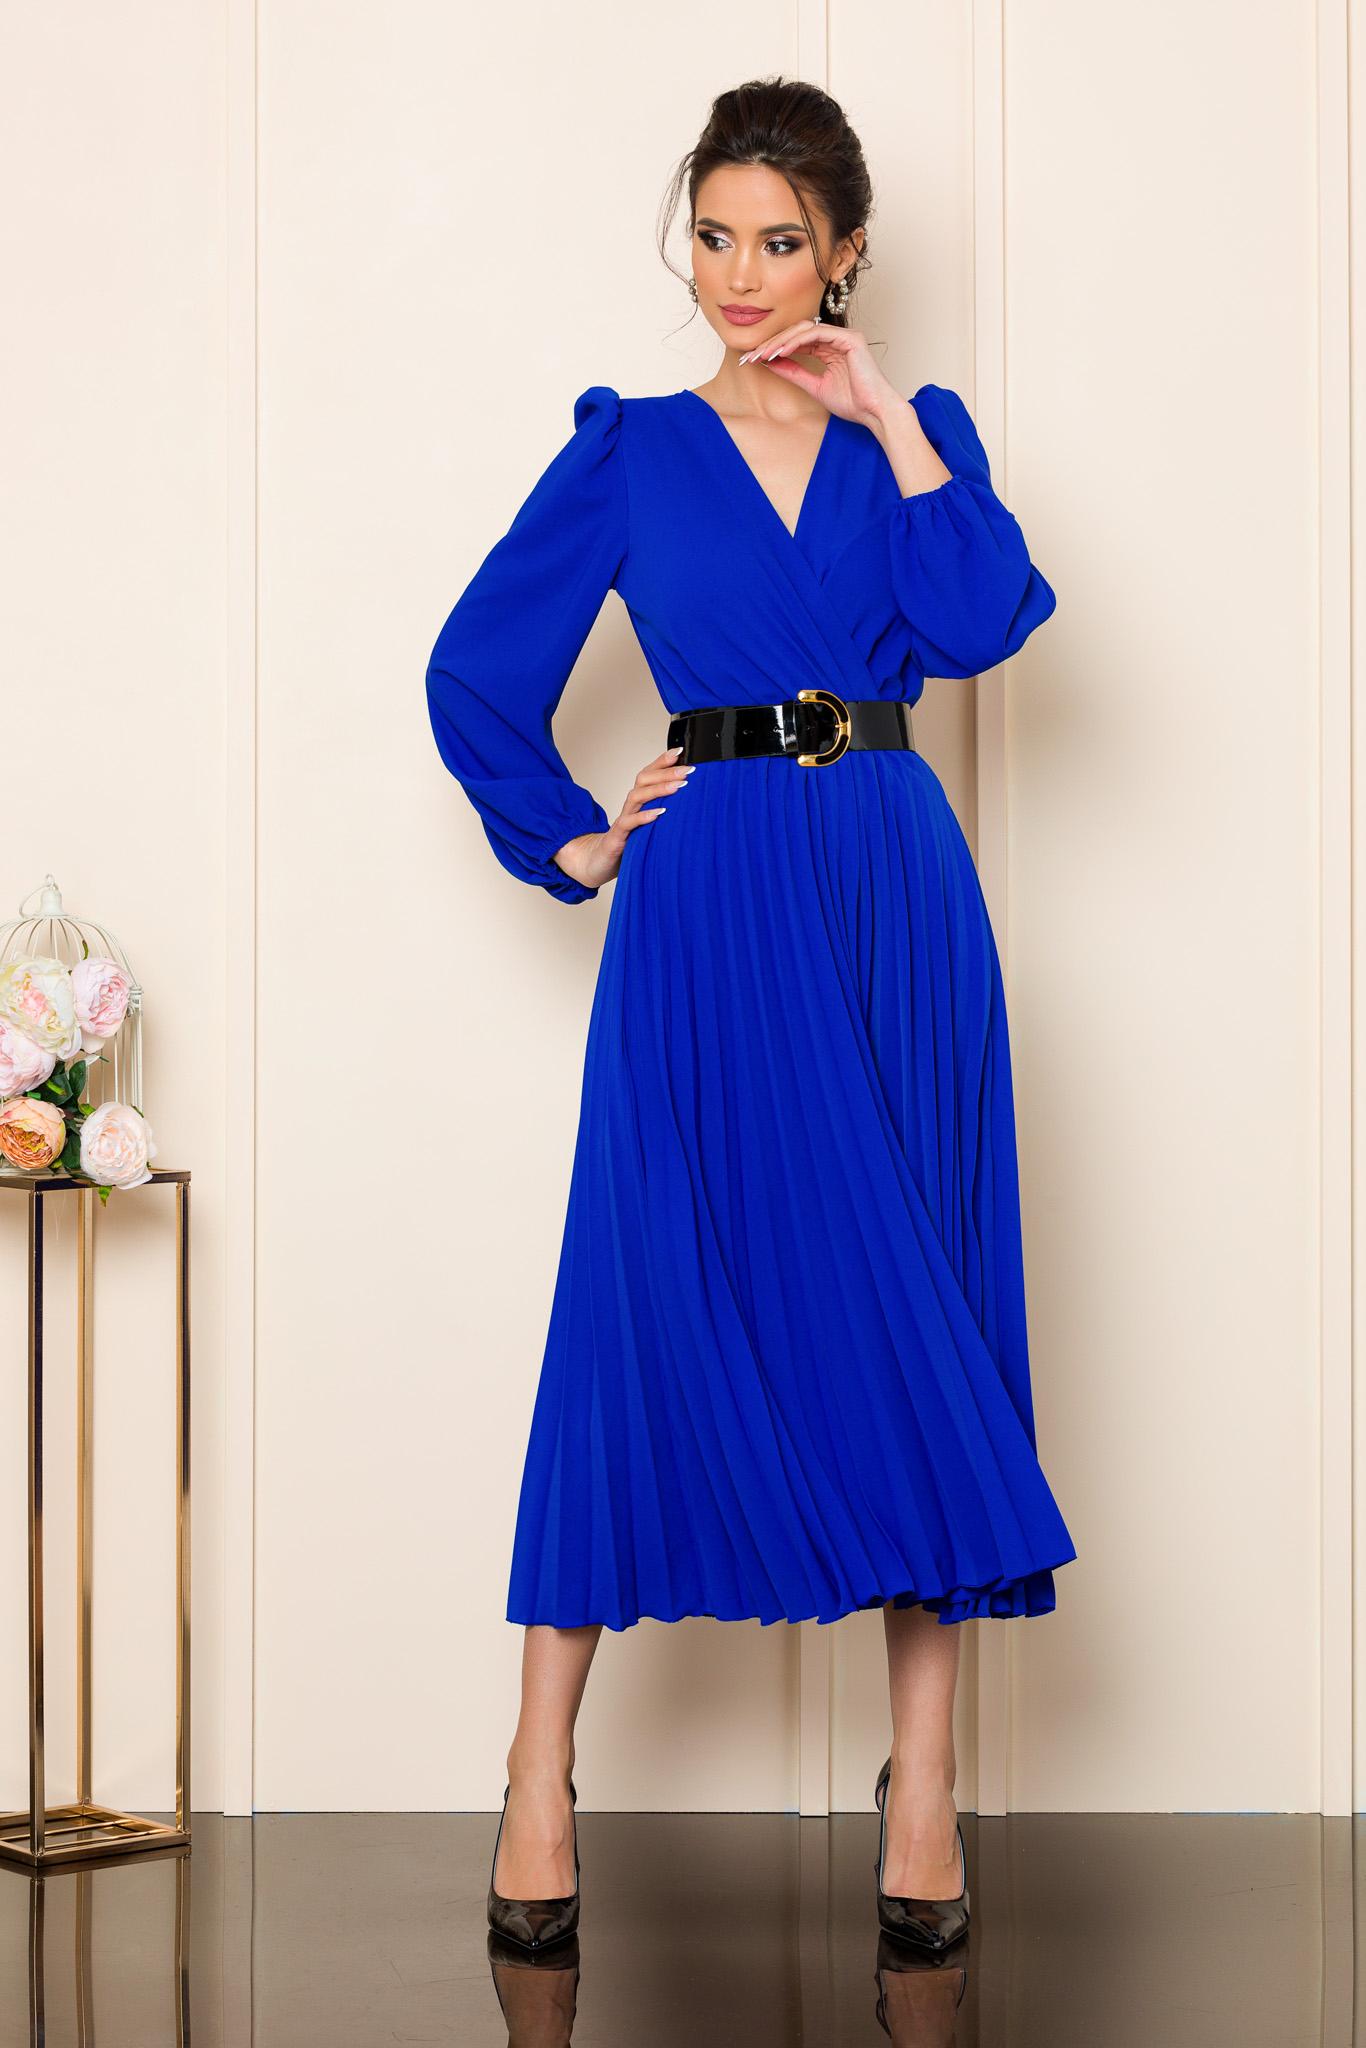 rochie midi eleganta albastra cu pliuri 2 2